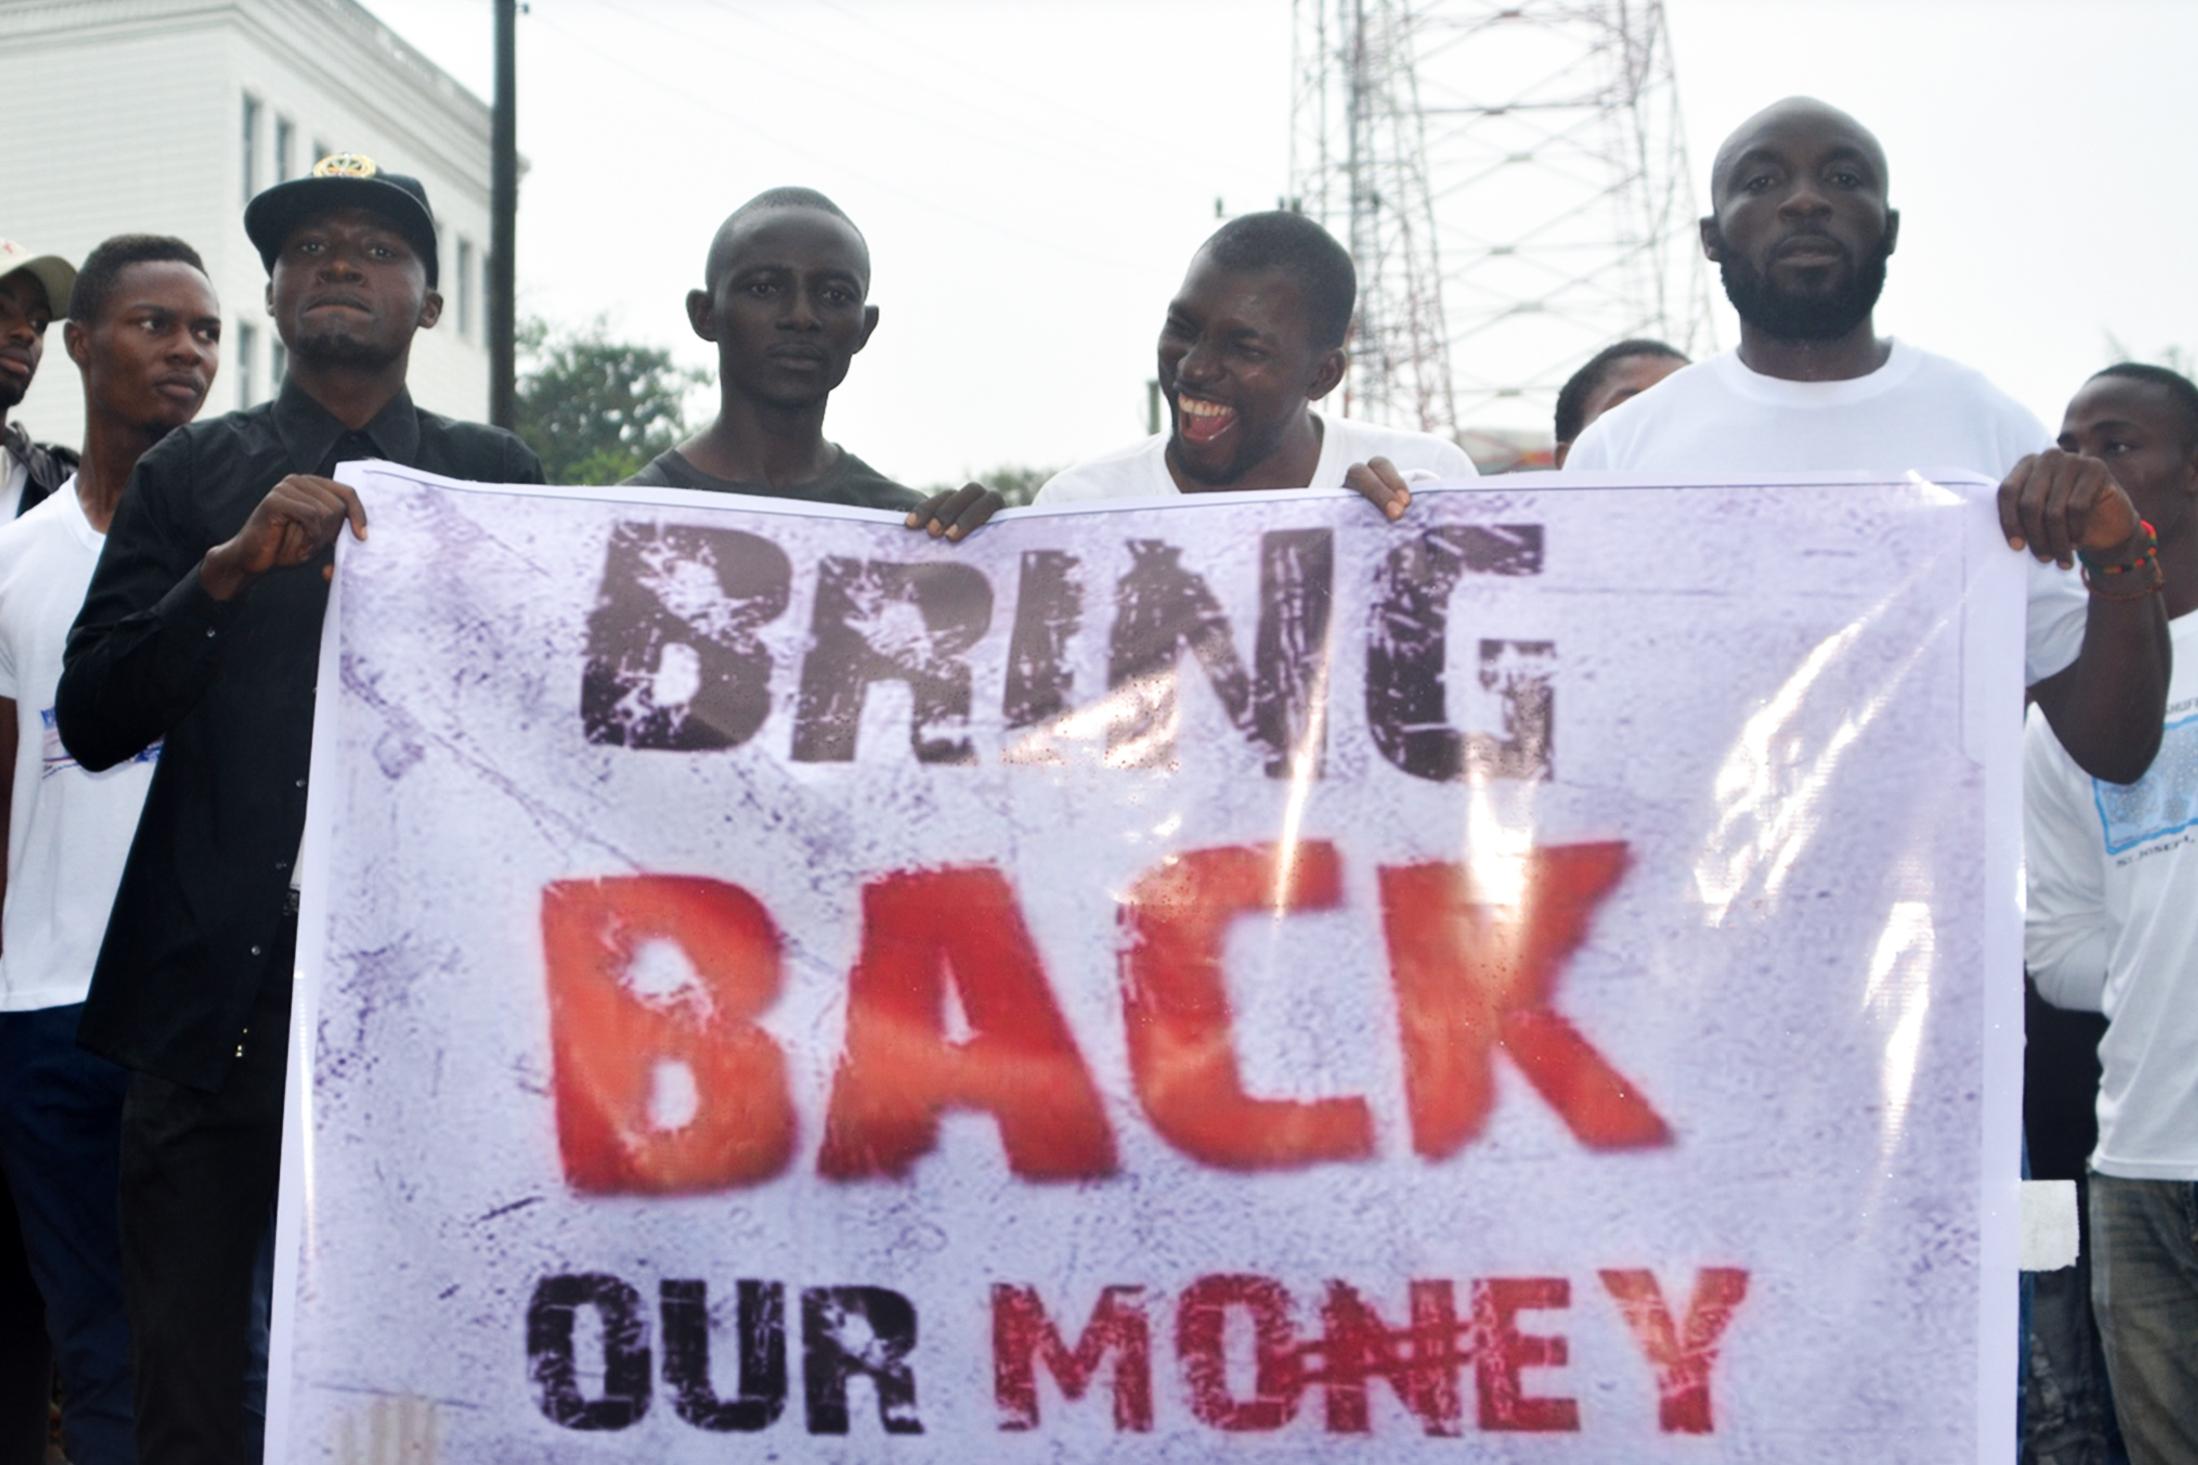 30 milliárd forintnyi készpénz tűnt el egy konténerből a libériai fővárosban